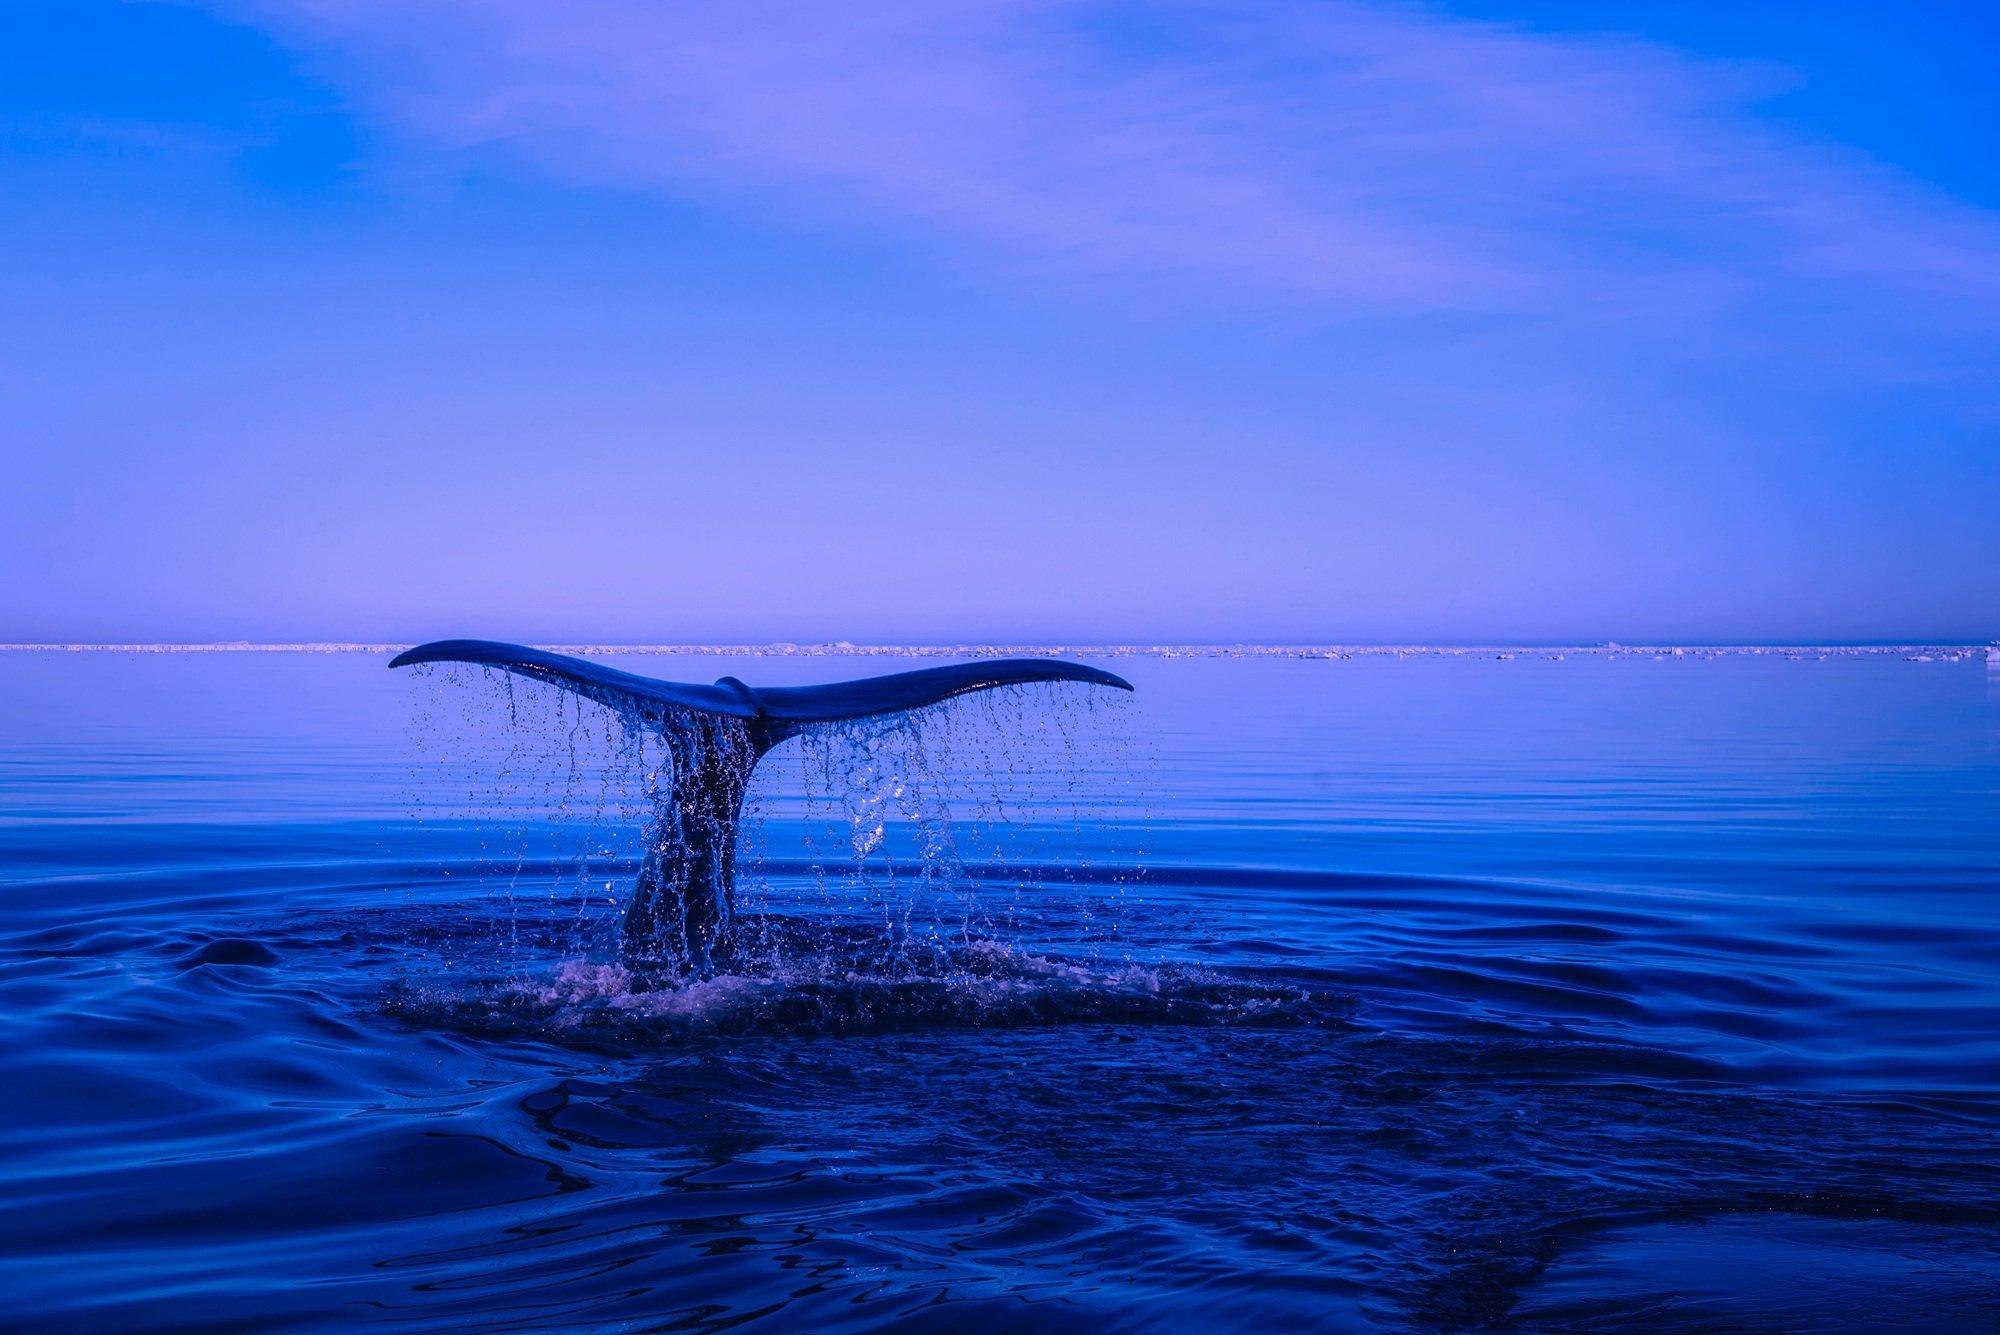 Fondos de pantalla Cola de una ballena en el oceano